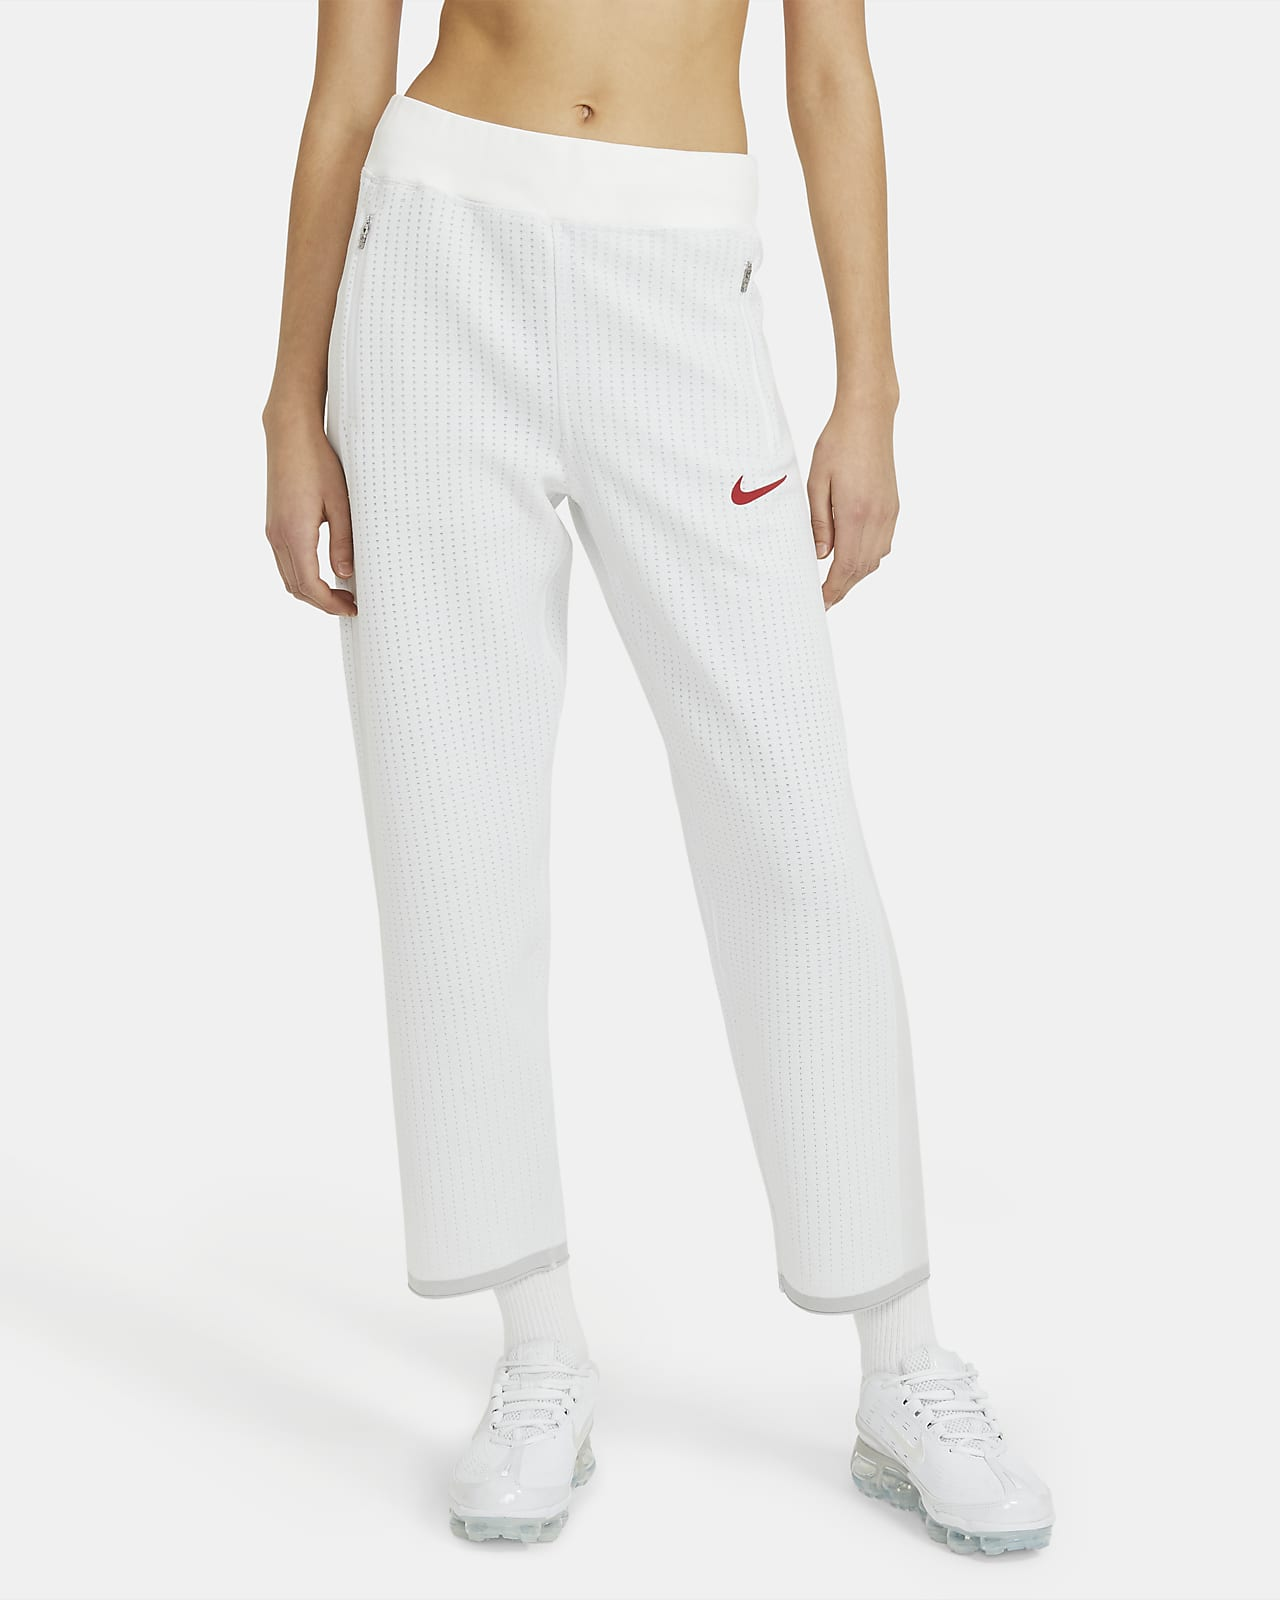 Nike Sportswear Kadın Eşofman Altı